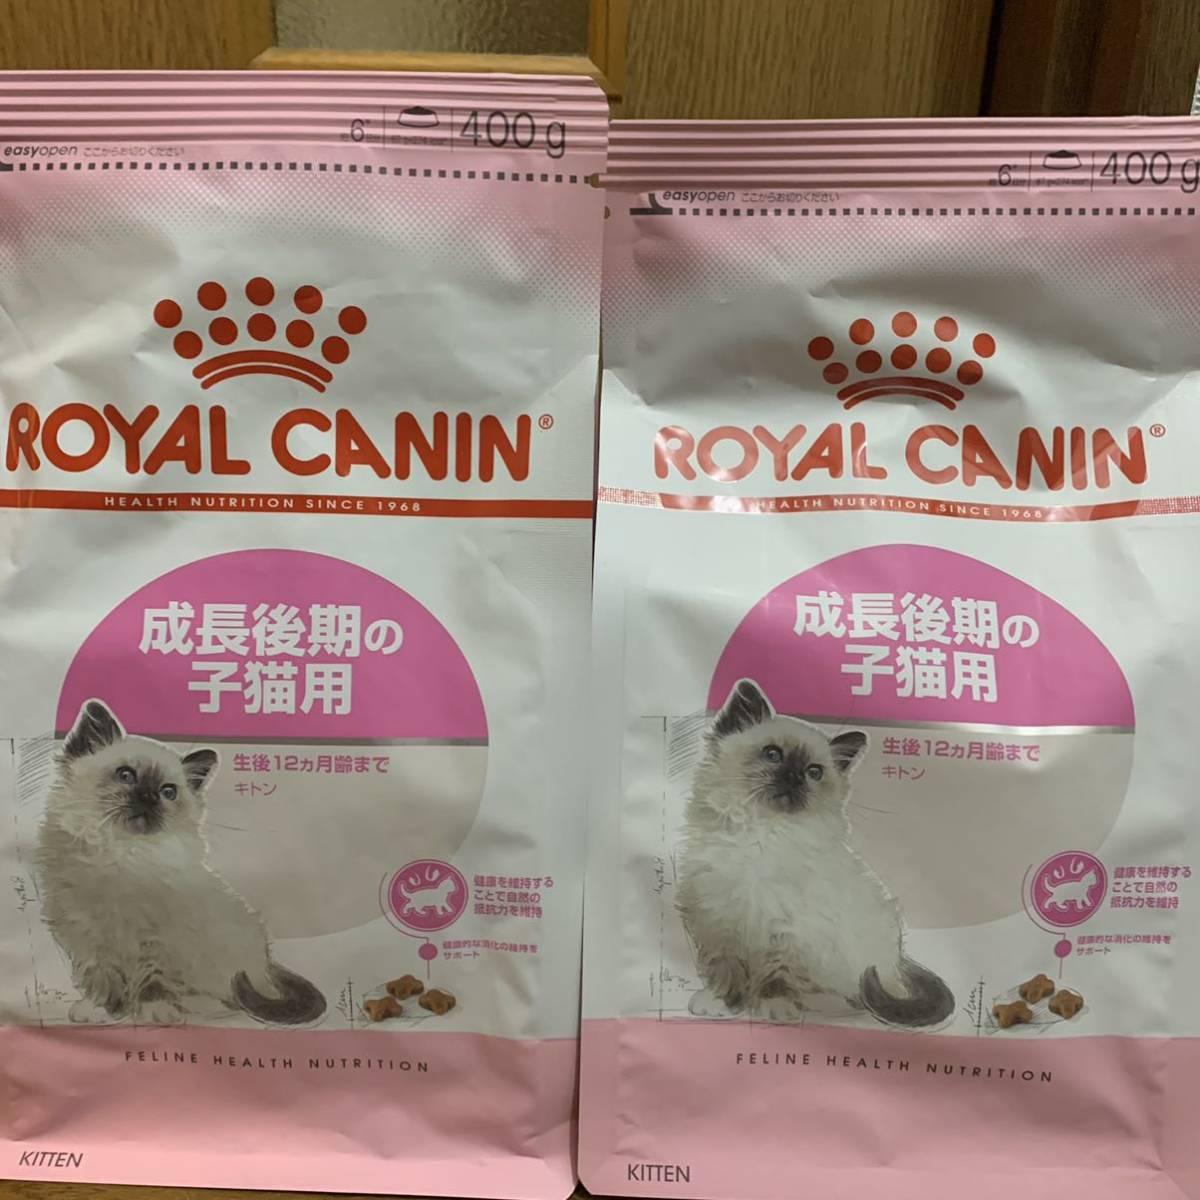 【新品】ロイヤルカナン キトン 成長後期の子猫用 400g 2袋 セット キャットフード ROYAL CANIN